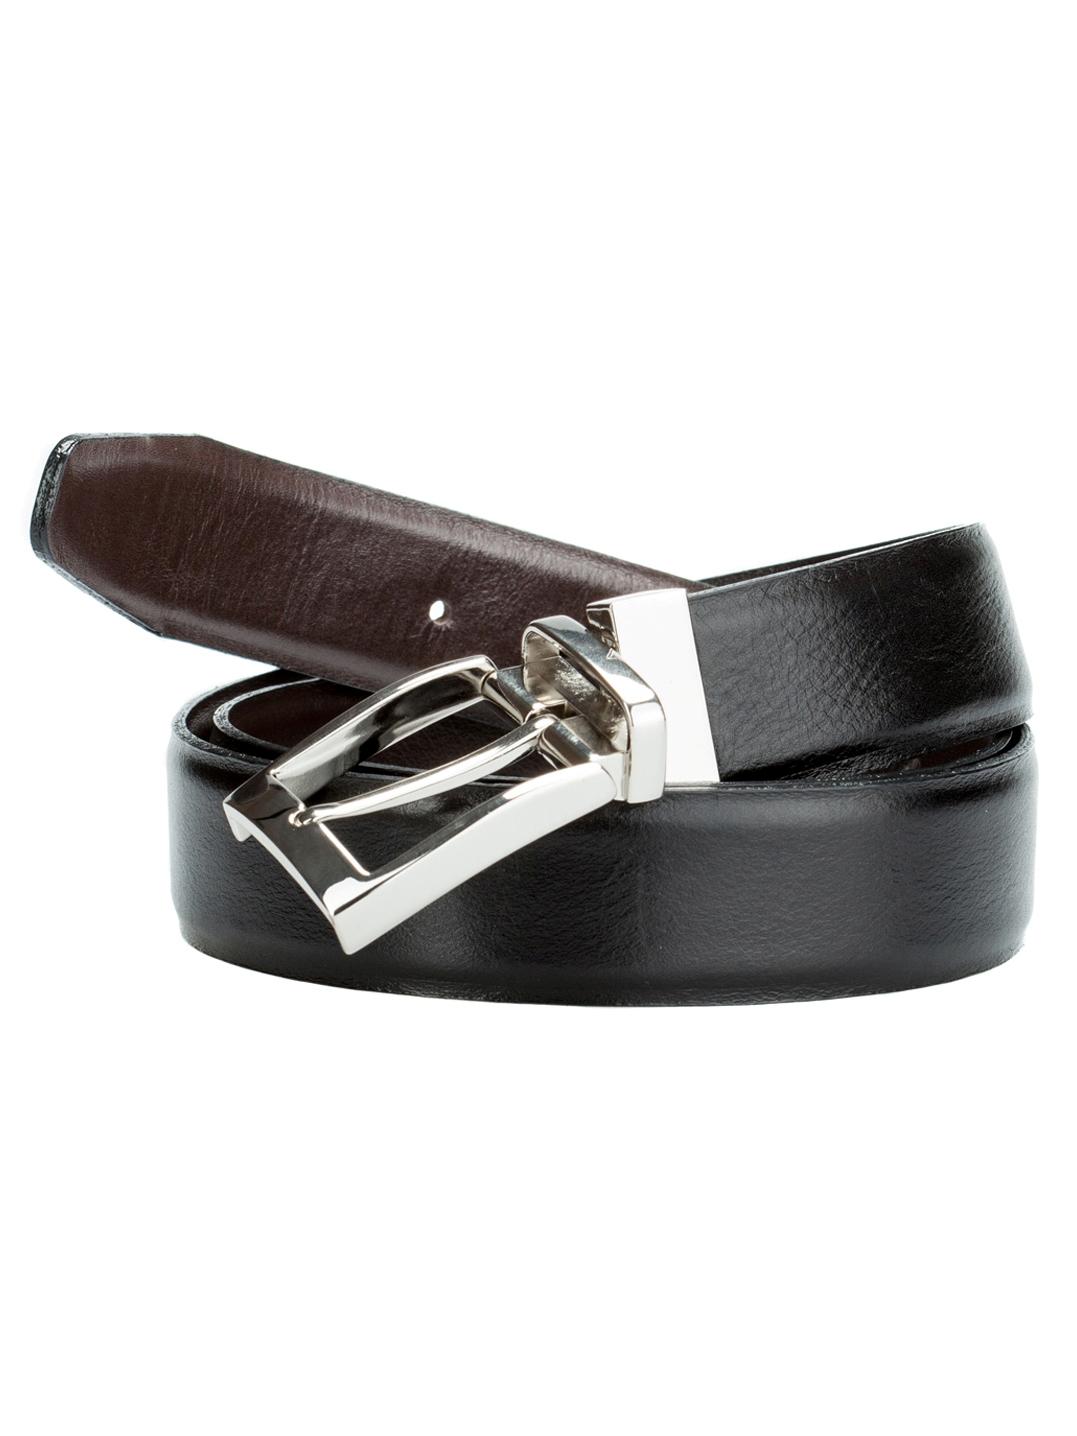 РеменьRM.1.ST.черный/коричневыйМужской двусторонний классический ремень выполнен из натуральной кожи. Гладкая кожа с умеренным блеском. Цвет пряжки: никель. Отличительная черта: наличие поворотной пряжки.